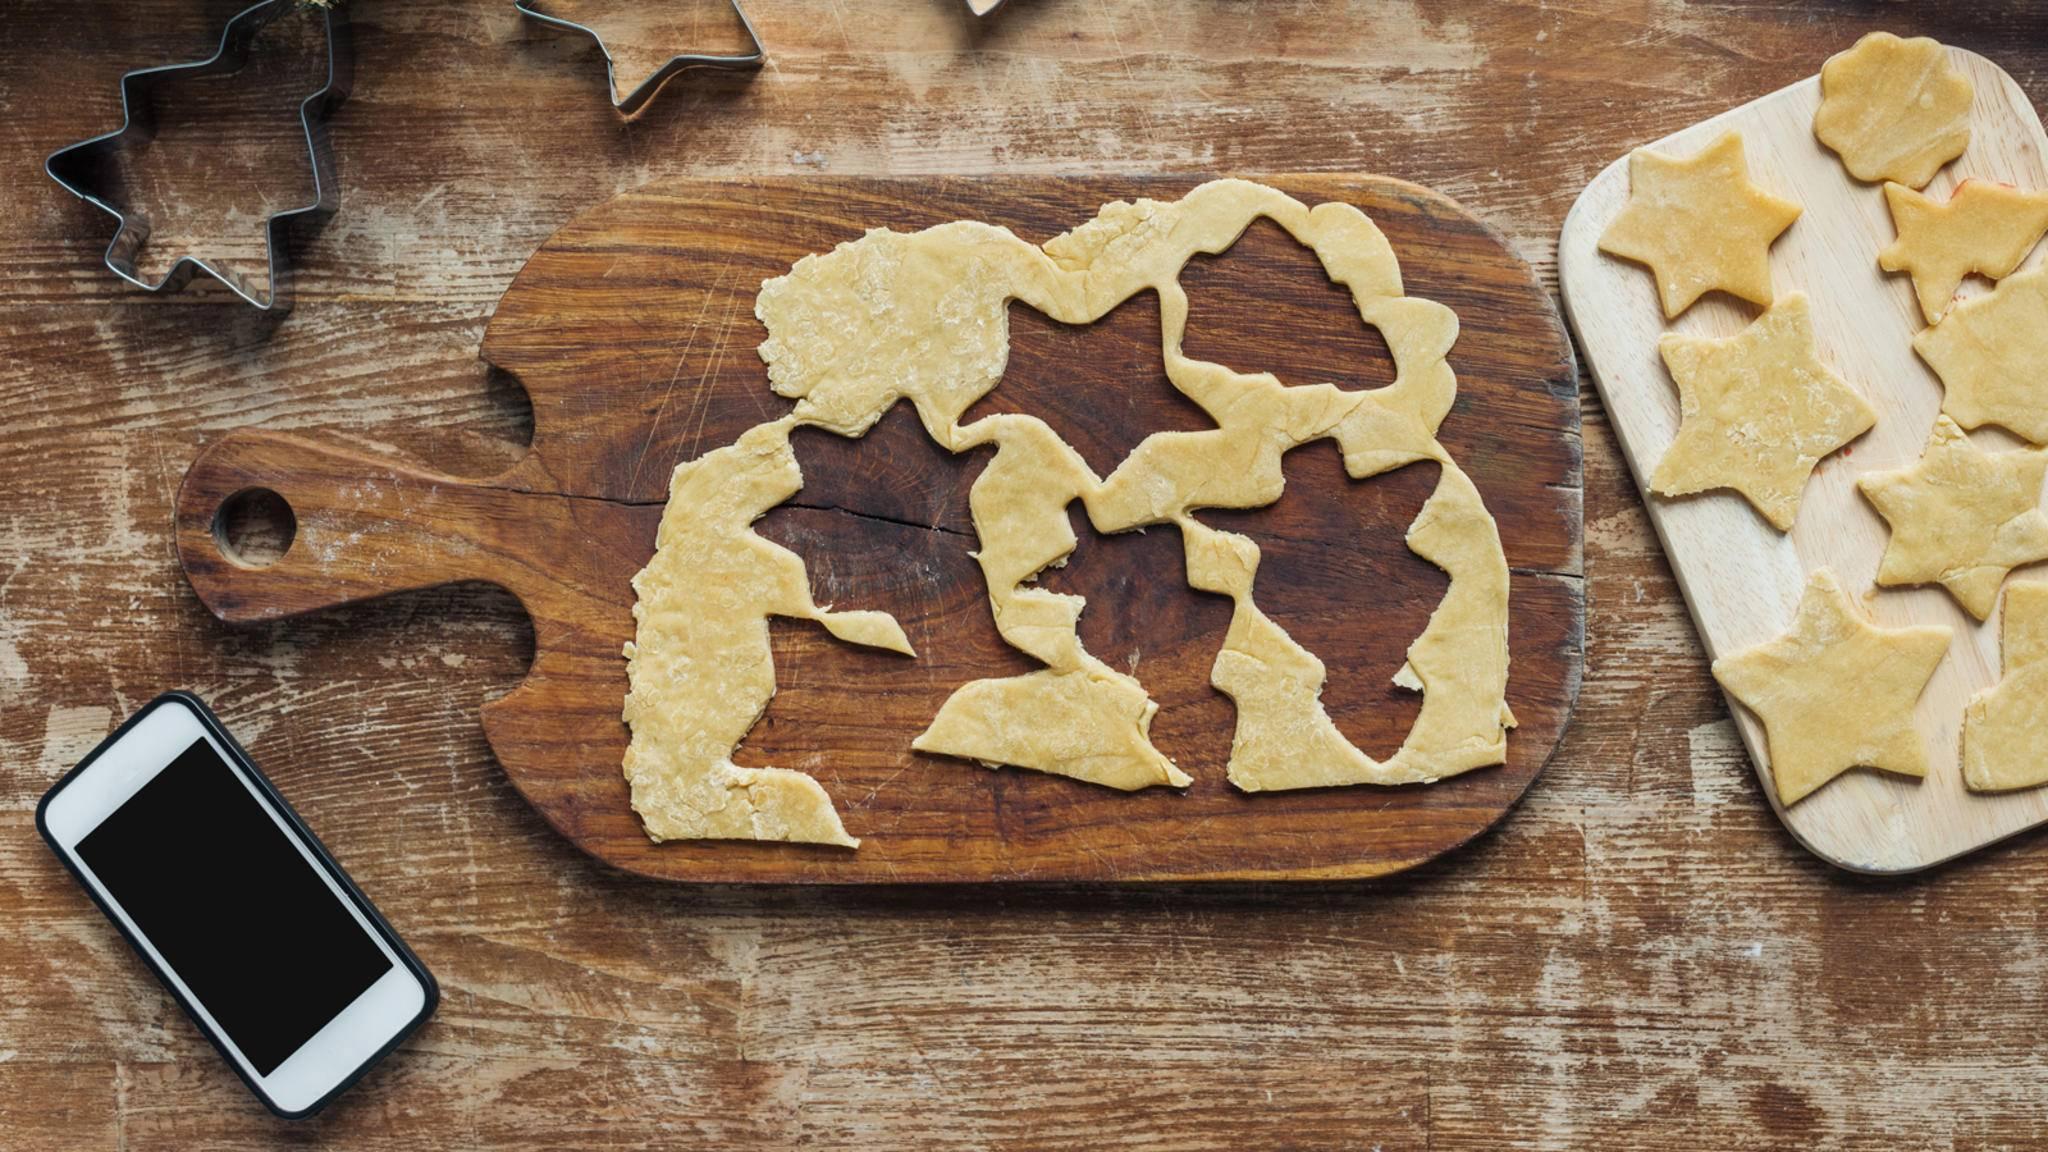 kekse backen weihnachten plätzchen